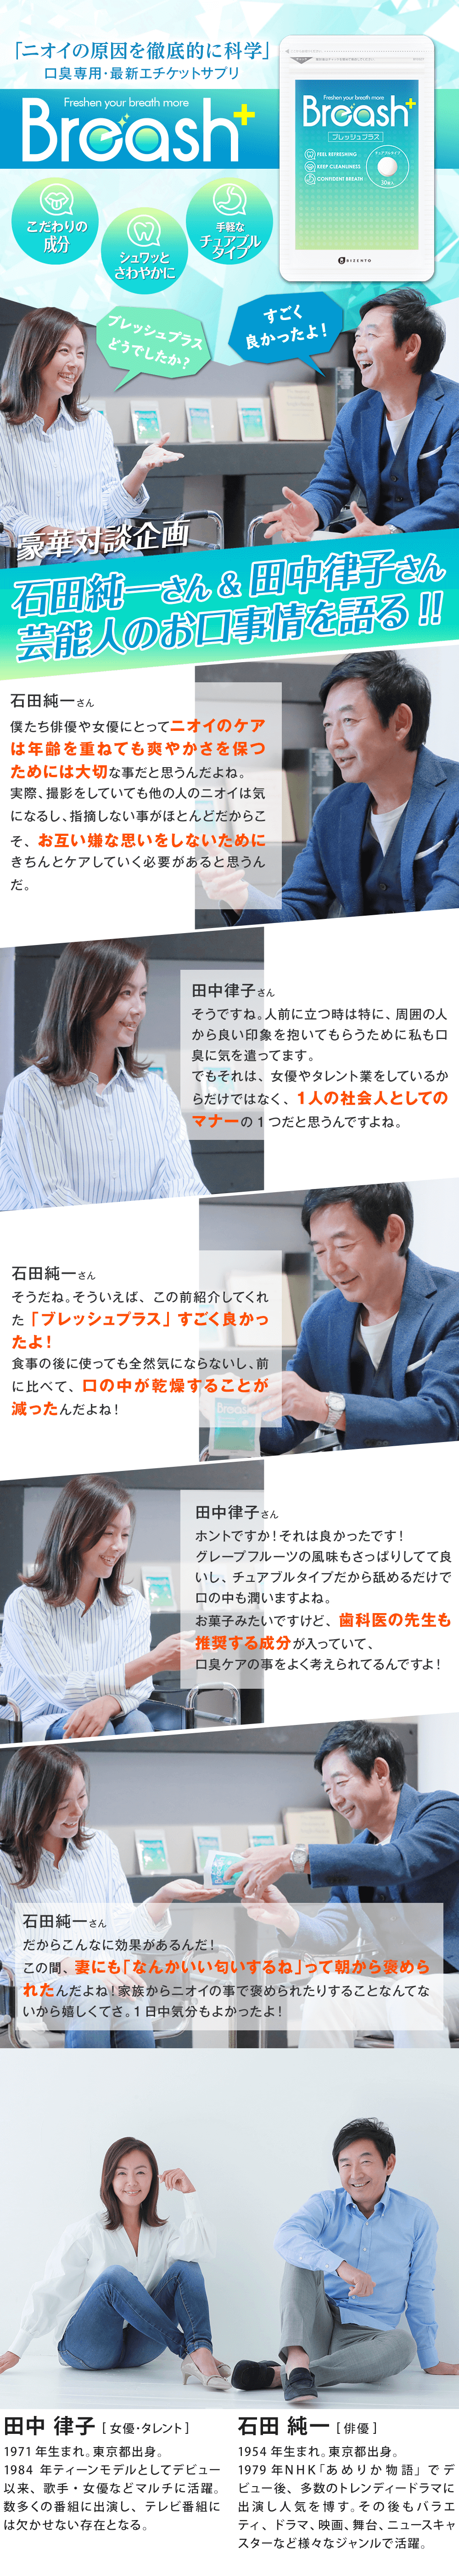 田中律子様にもご愛用頂いています!すぐ息リフレッシュの真相とは!?田中律子様インタビュー